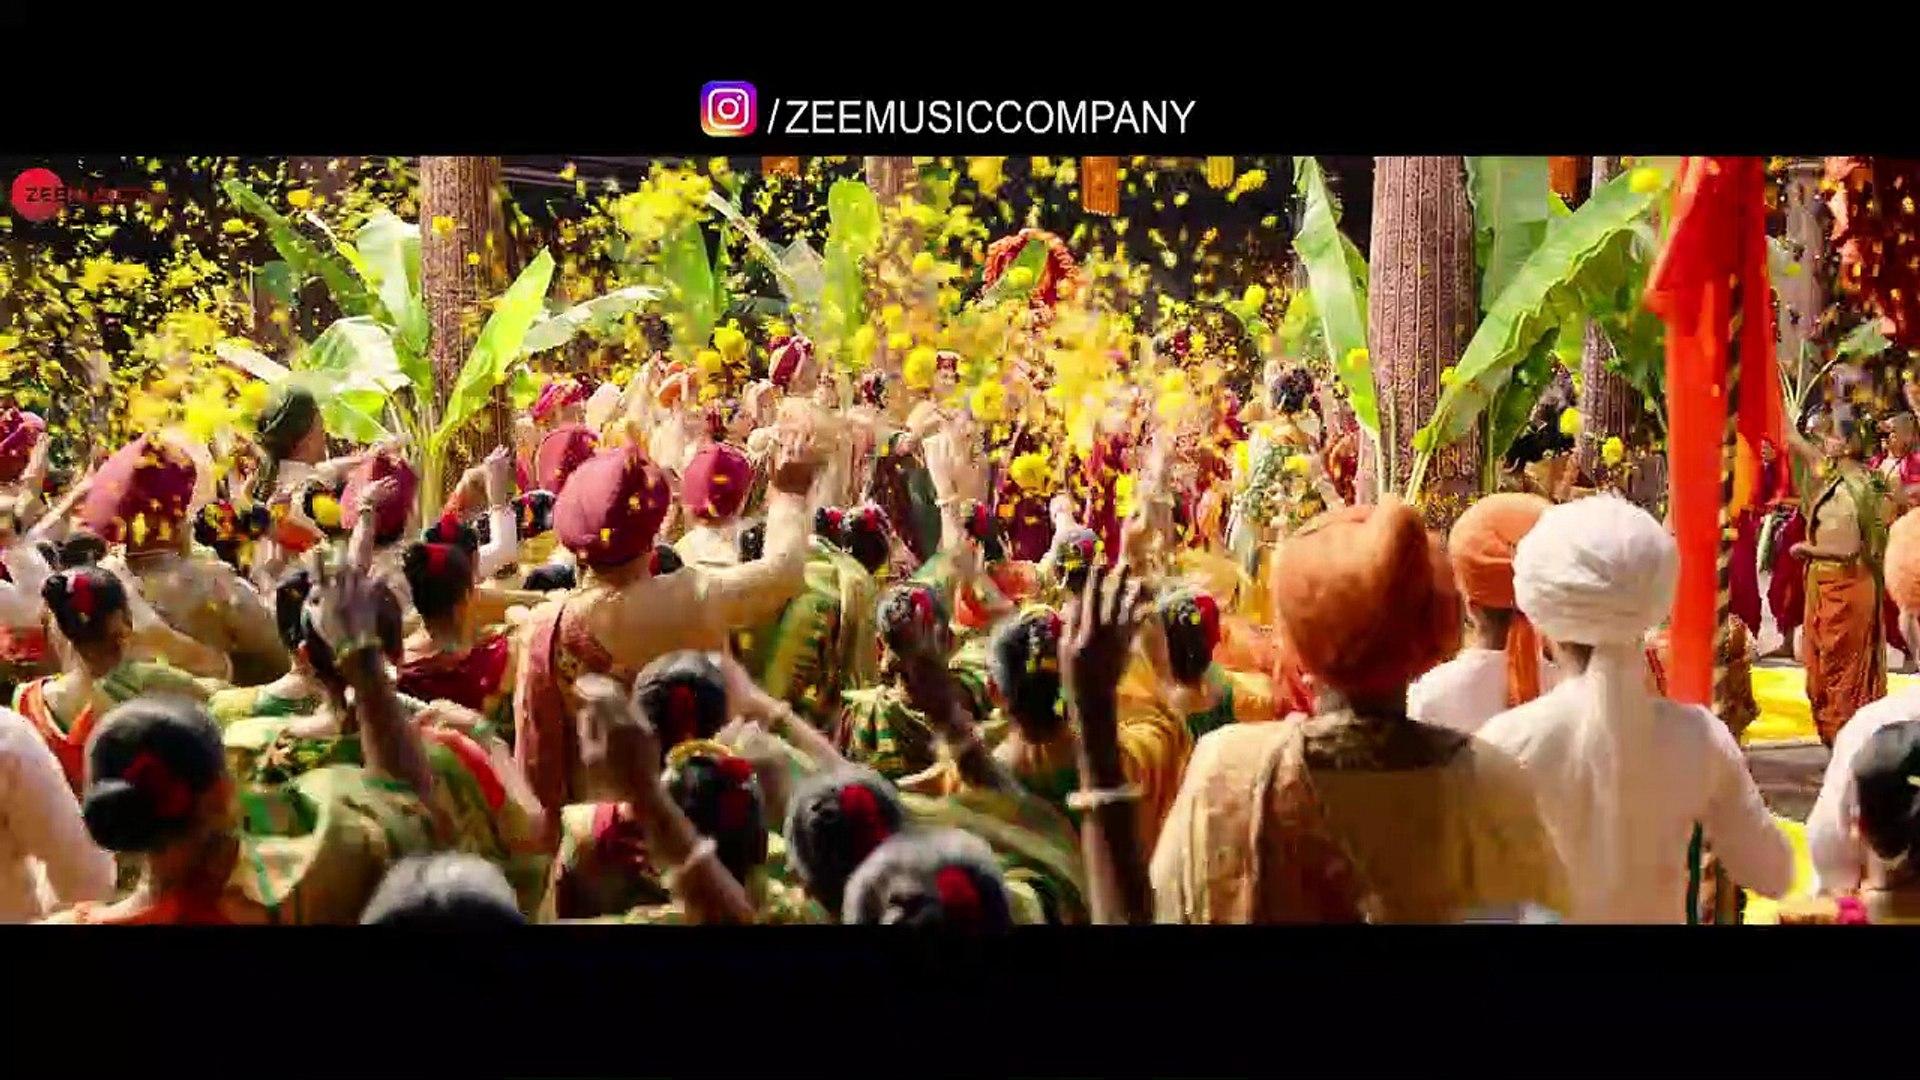 Song - Sapna Hai Sach Hai Composer - Ajay-Atul Singers - Abhay Jodhpurkar & Shreya Ghoshal Lyric